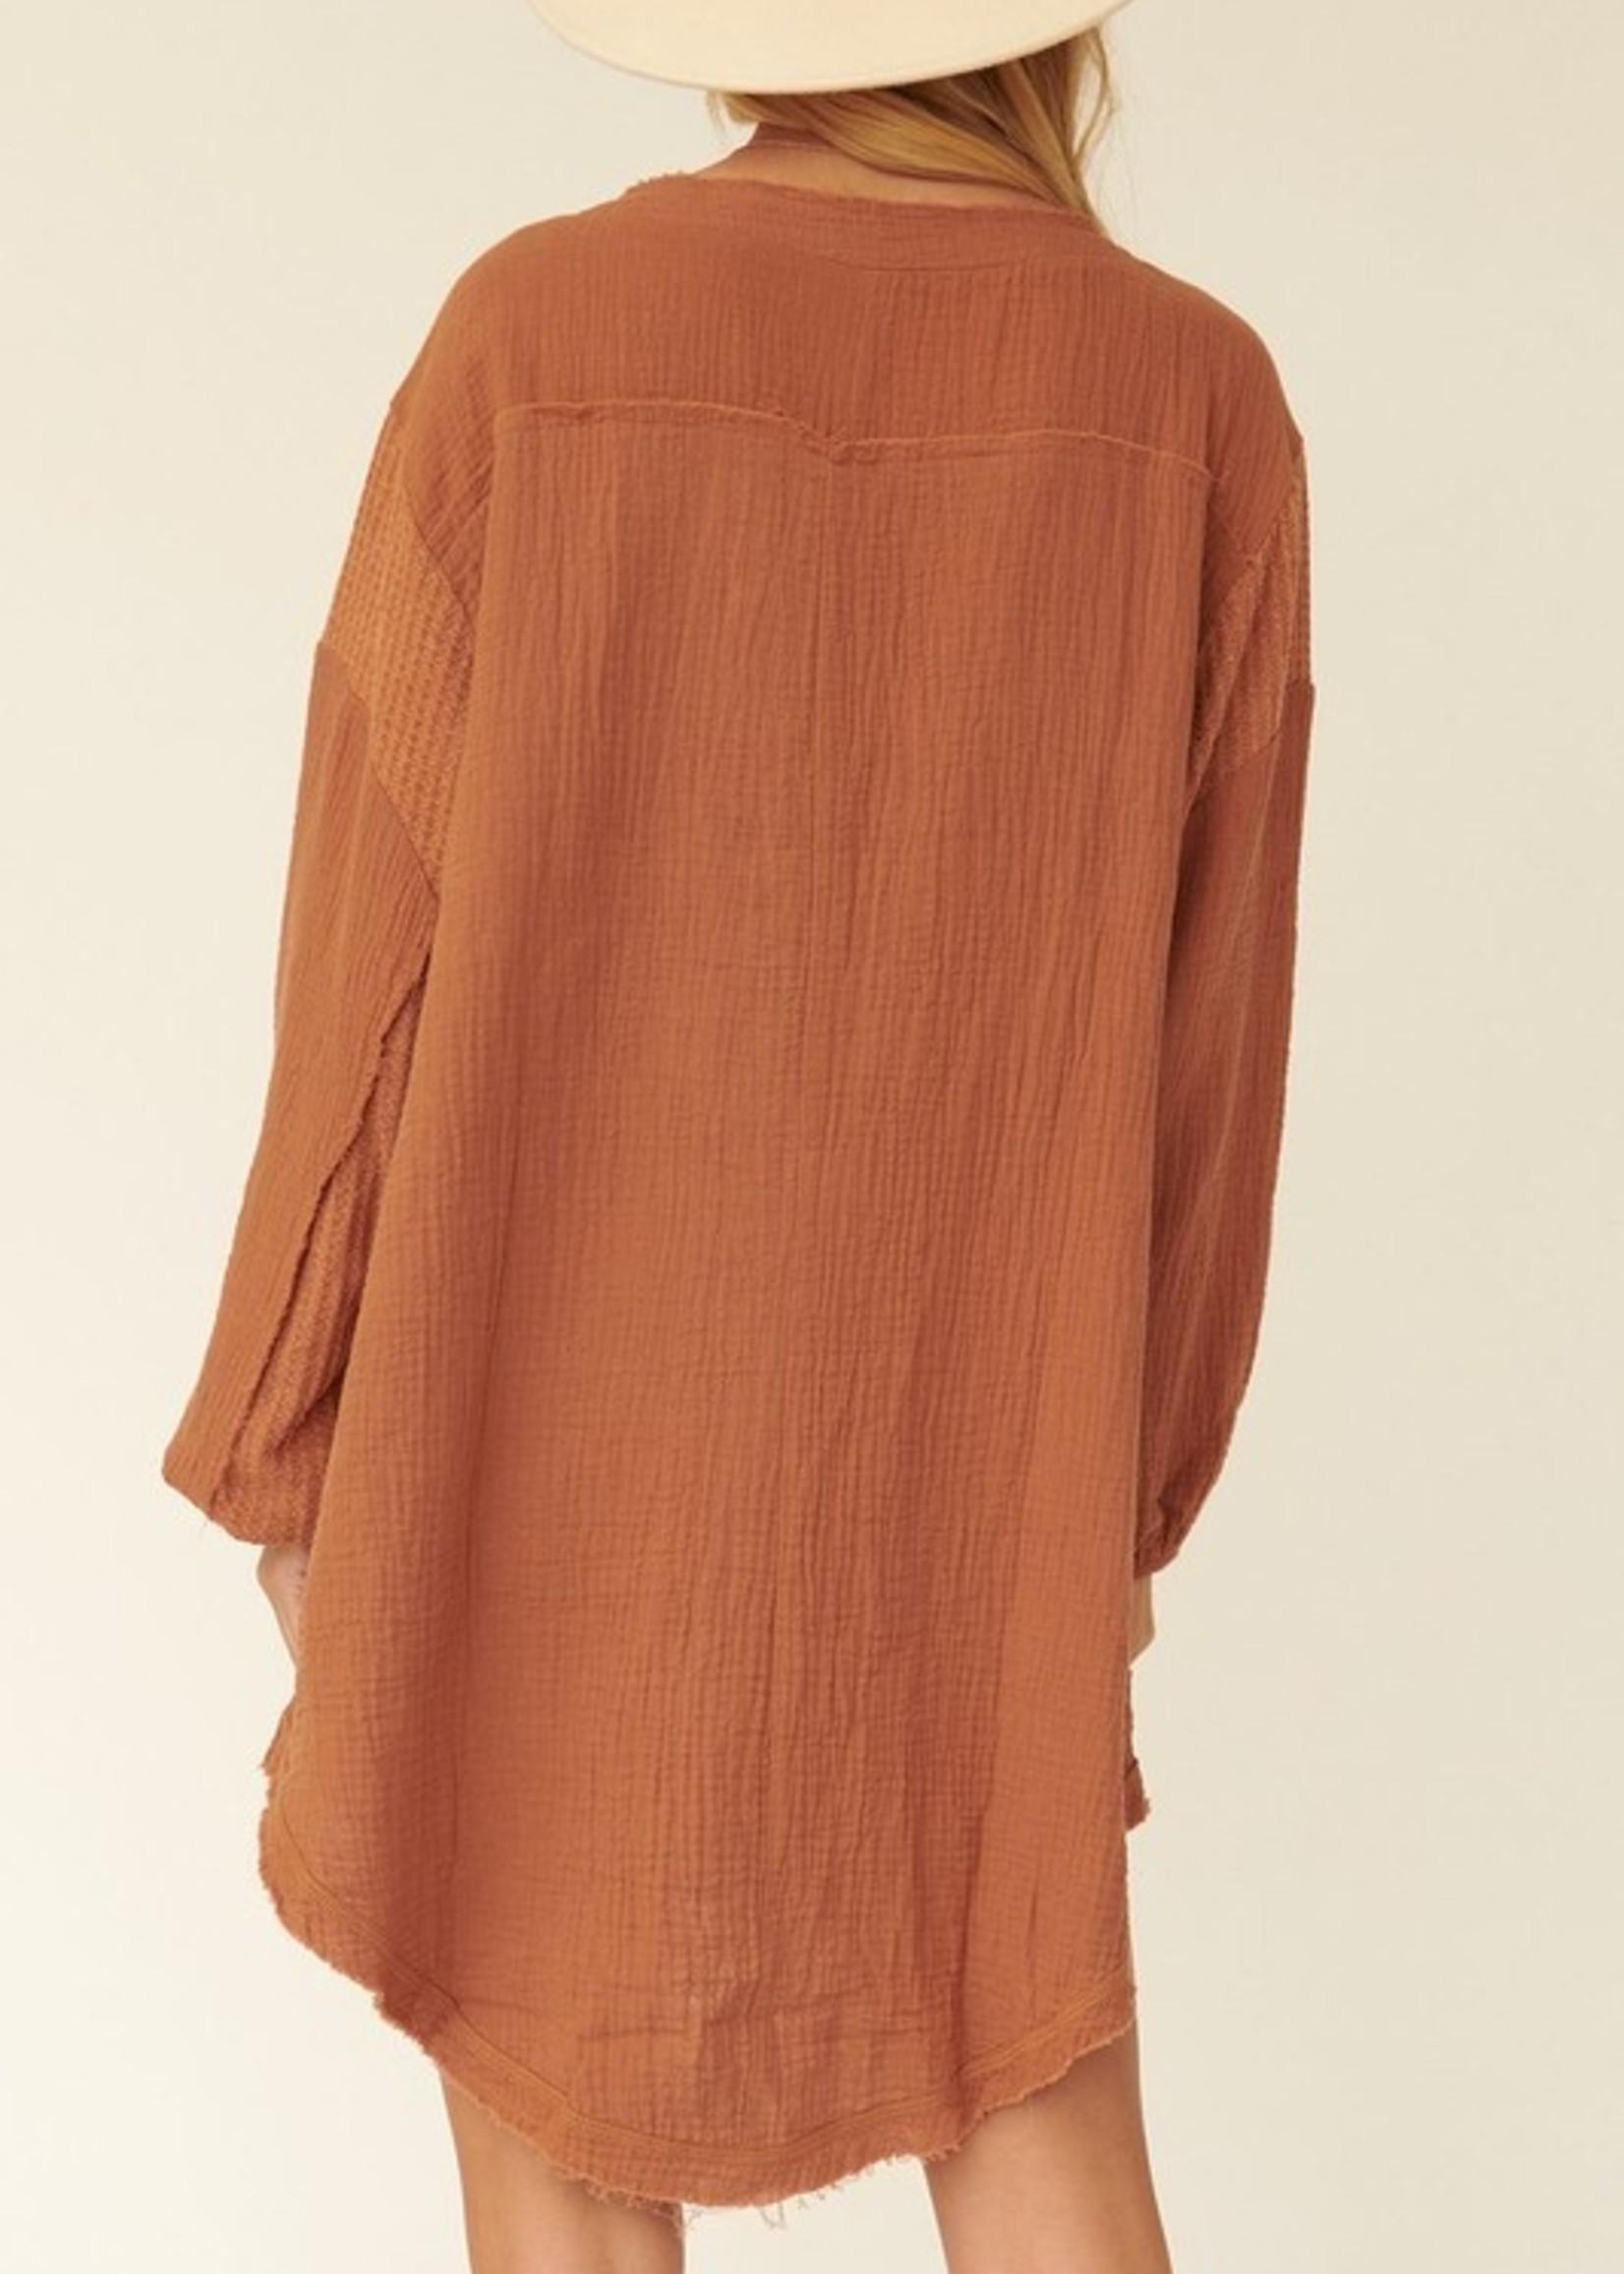 Snap Front Cotton Guaze Dress - Rust